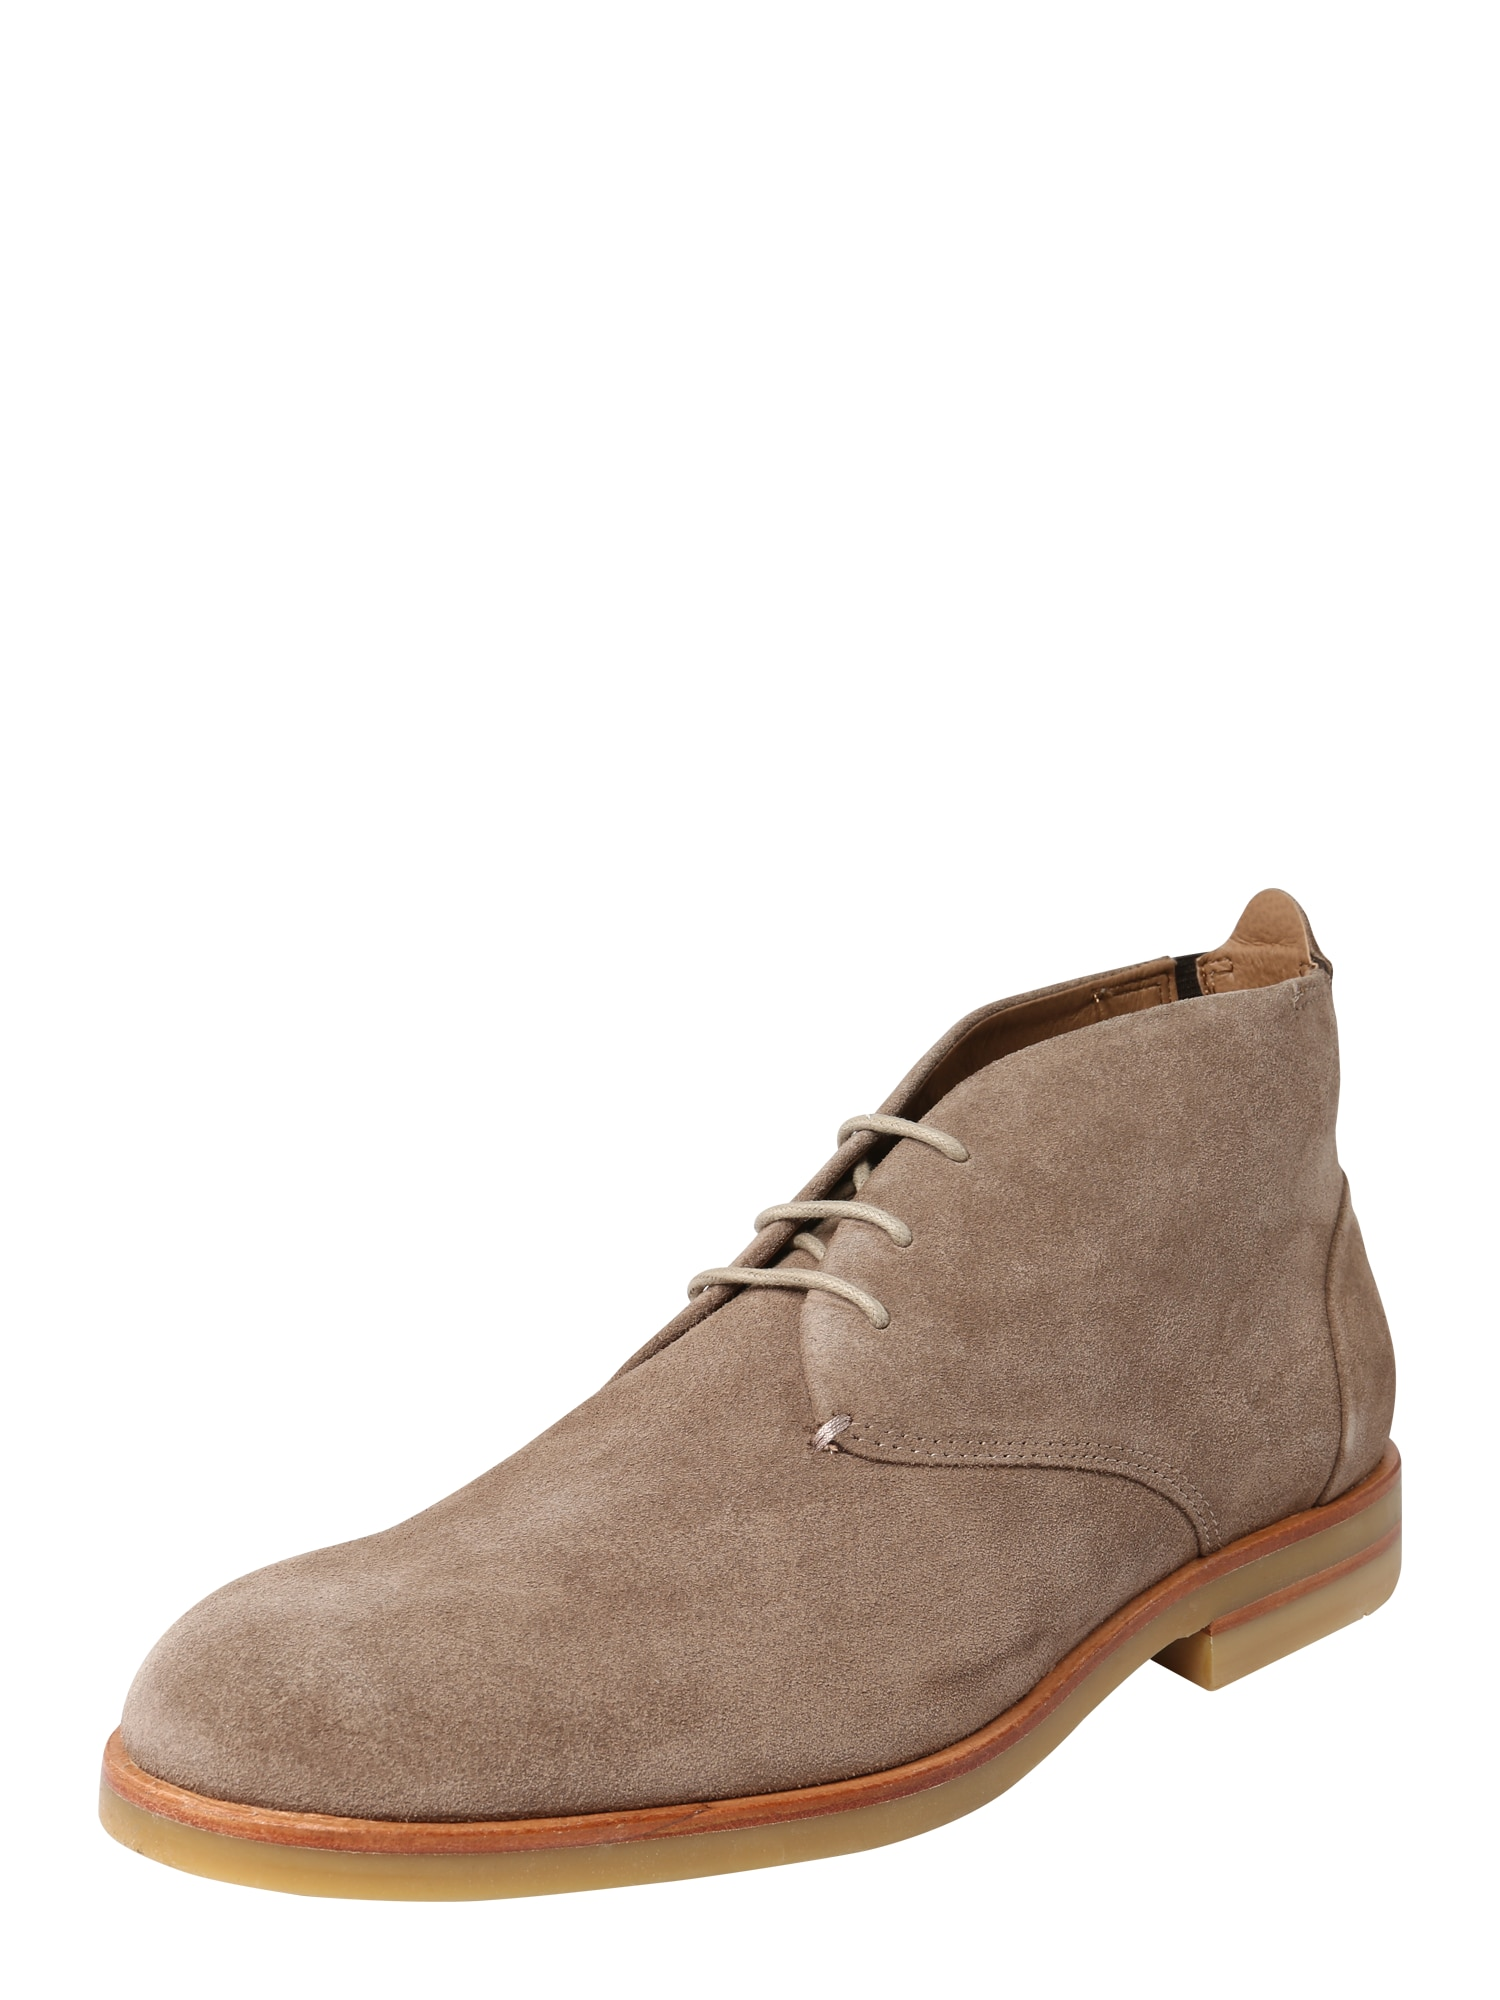 Šněrovací boty Bedlington šedobéžová Hudson London